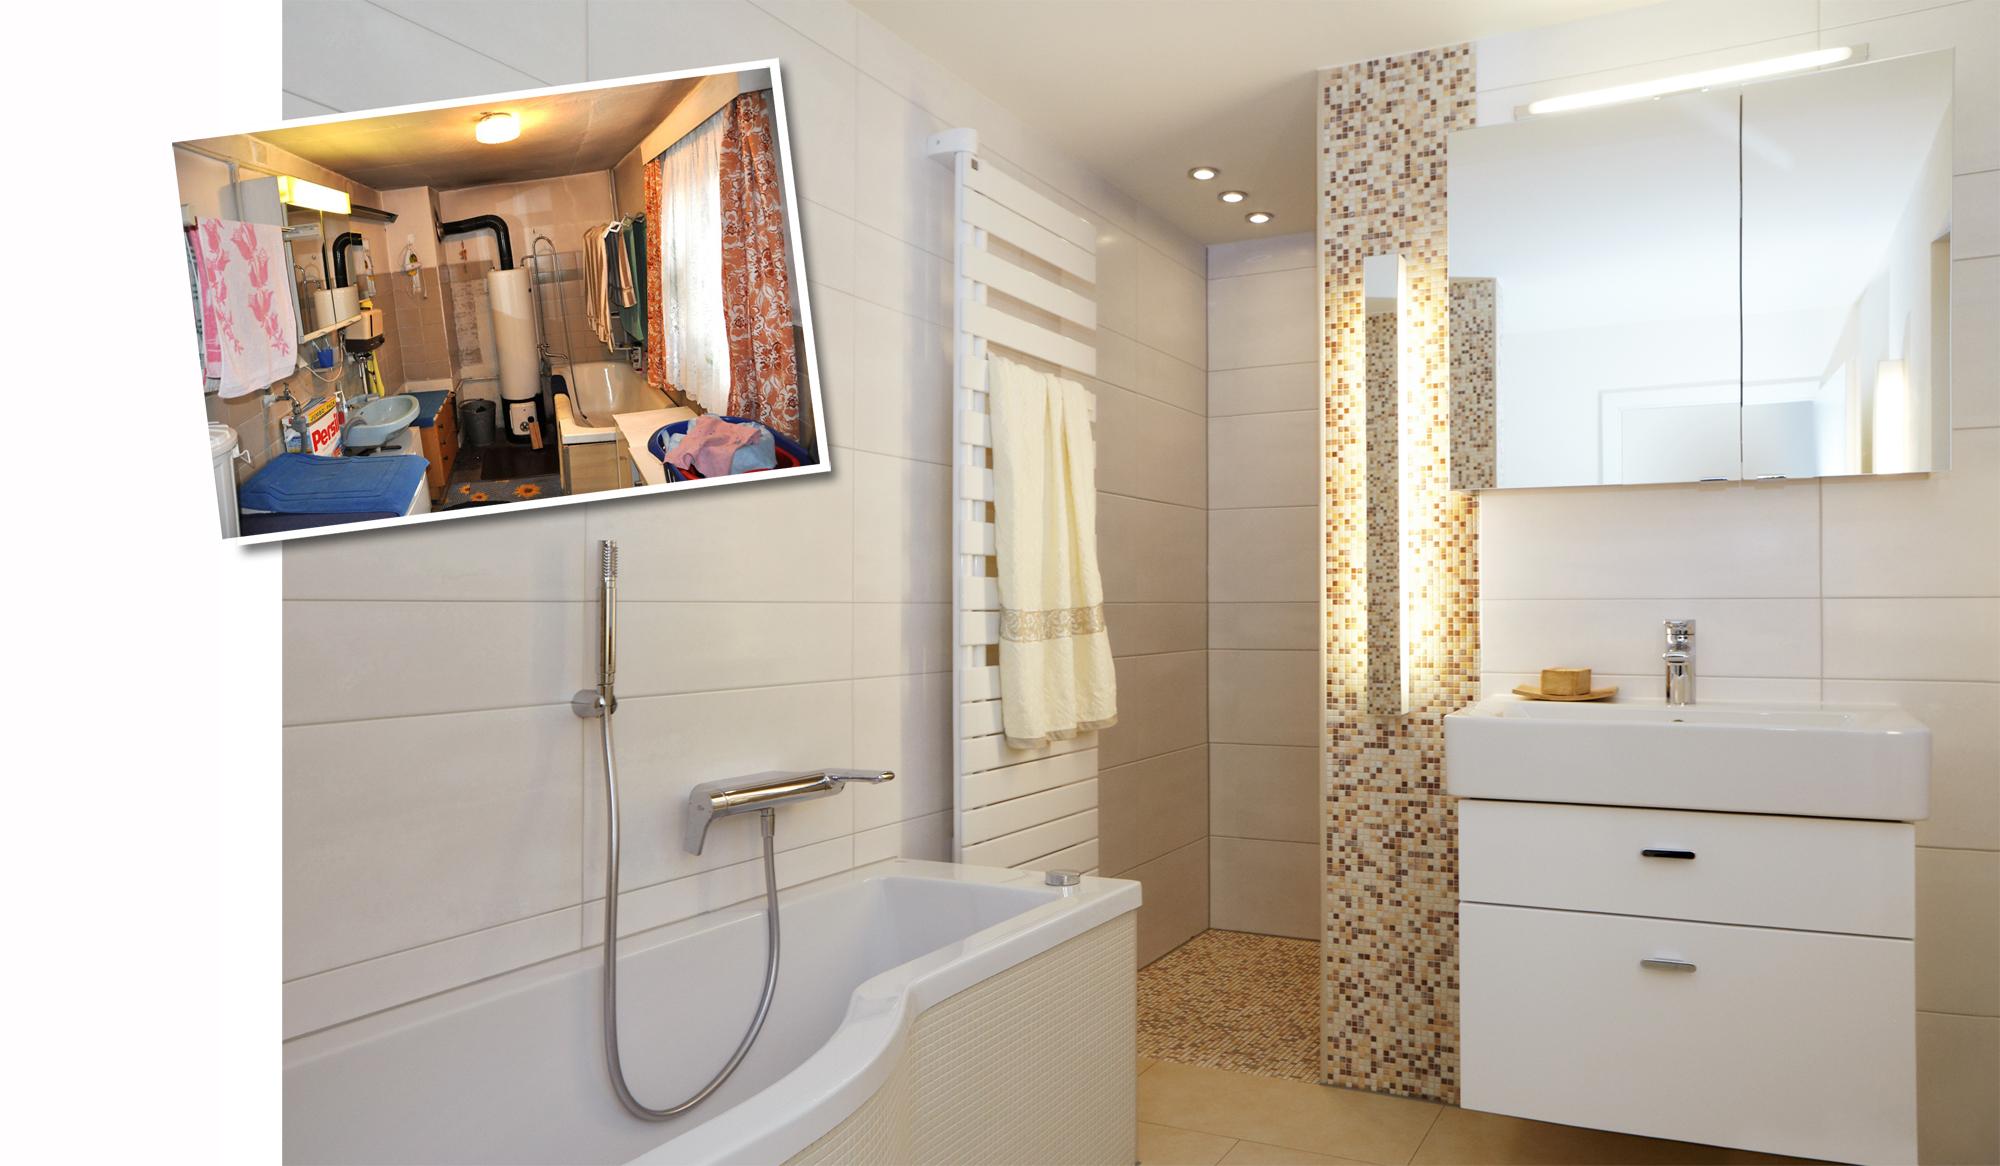 deutschland h sslichstes bad 2011 das siegerbad aus dem vorjahr hat sich vom albtraum zum. Black Bedroom Furniture Sets. Home Design Ideas